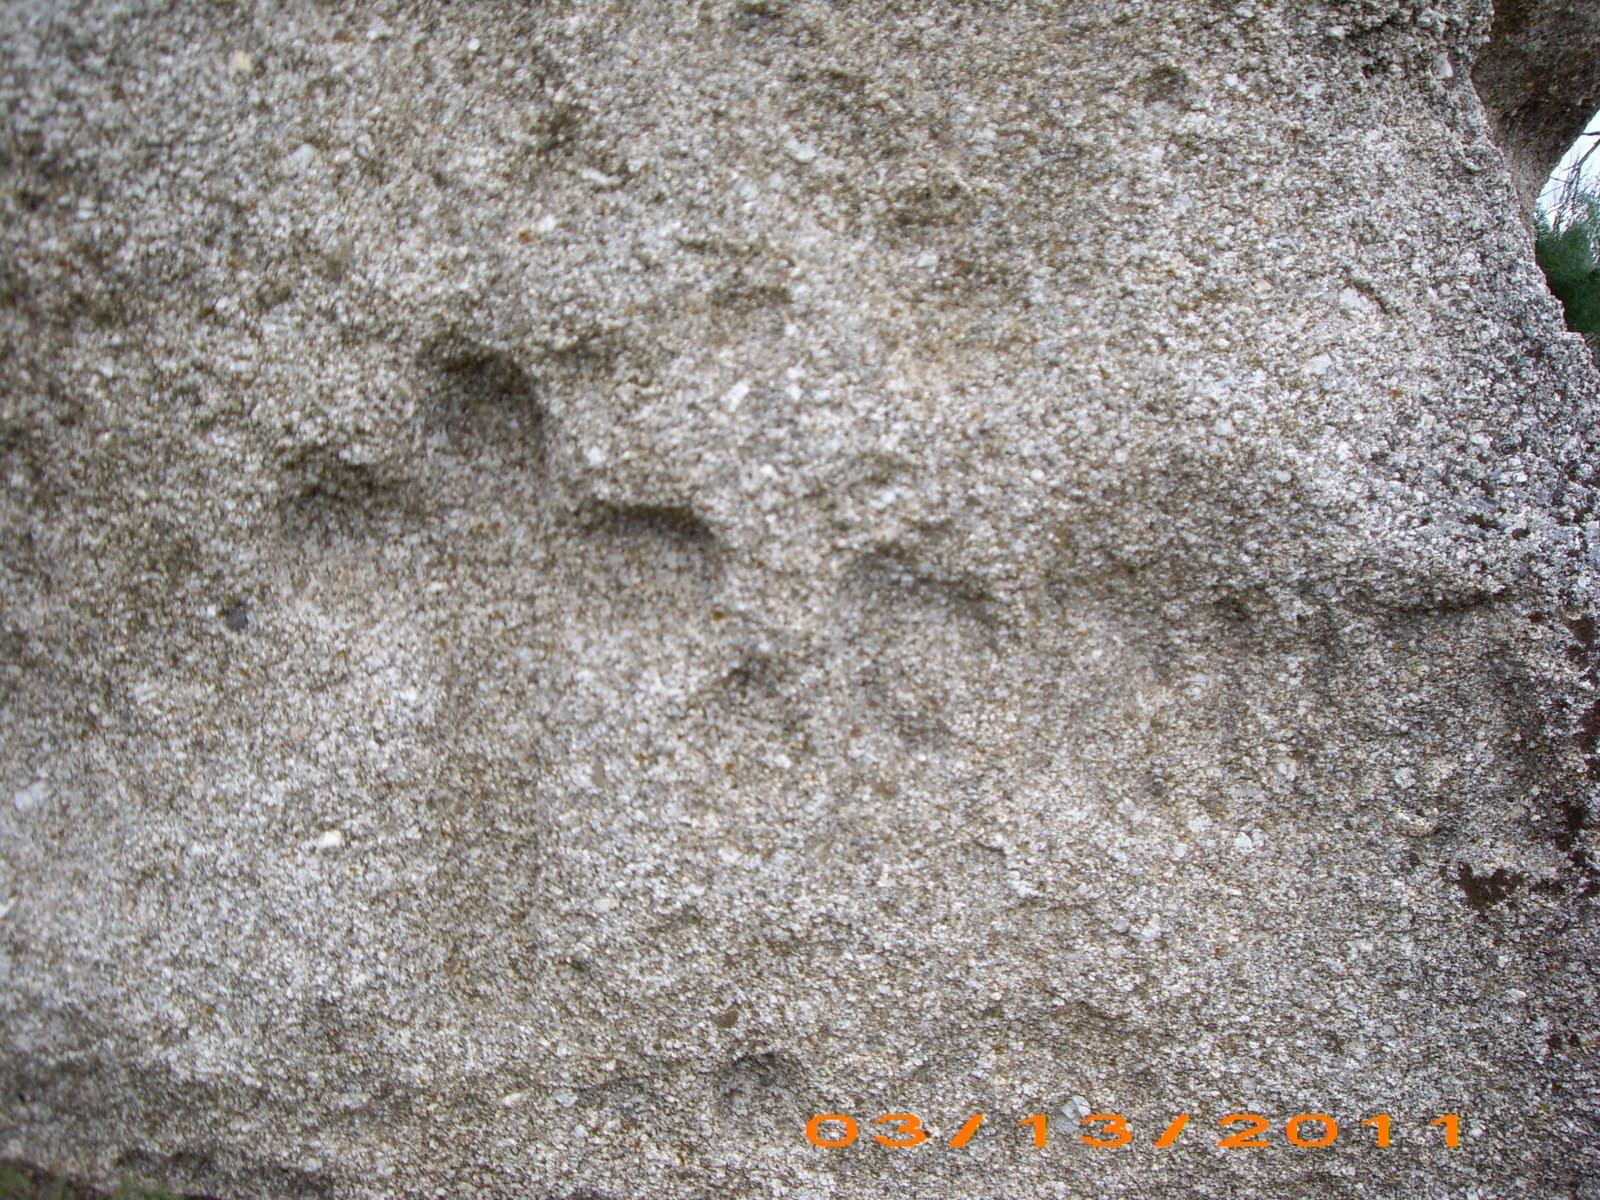 o pero se pueden identificar trazos ms y menos profundos de un relieve esculpido a modo de escena como en la piedra de piedra escrita